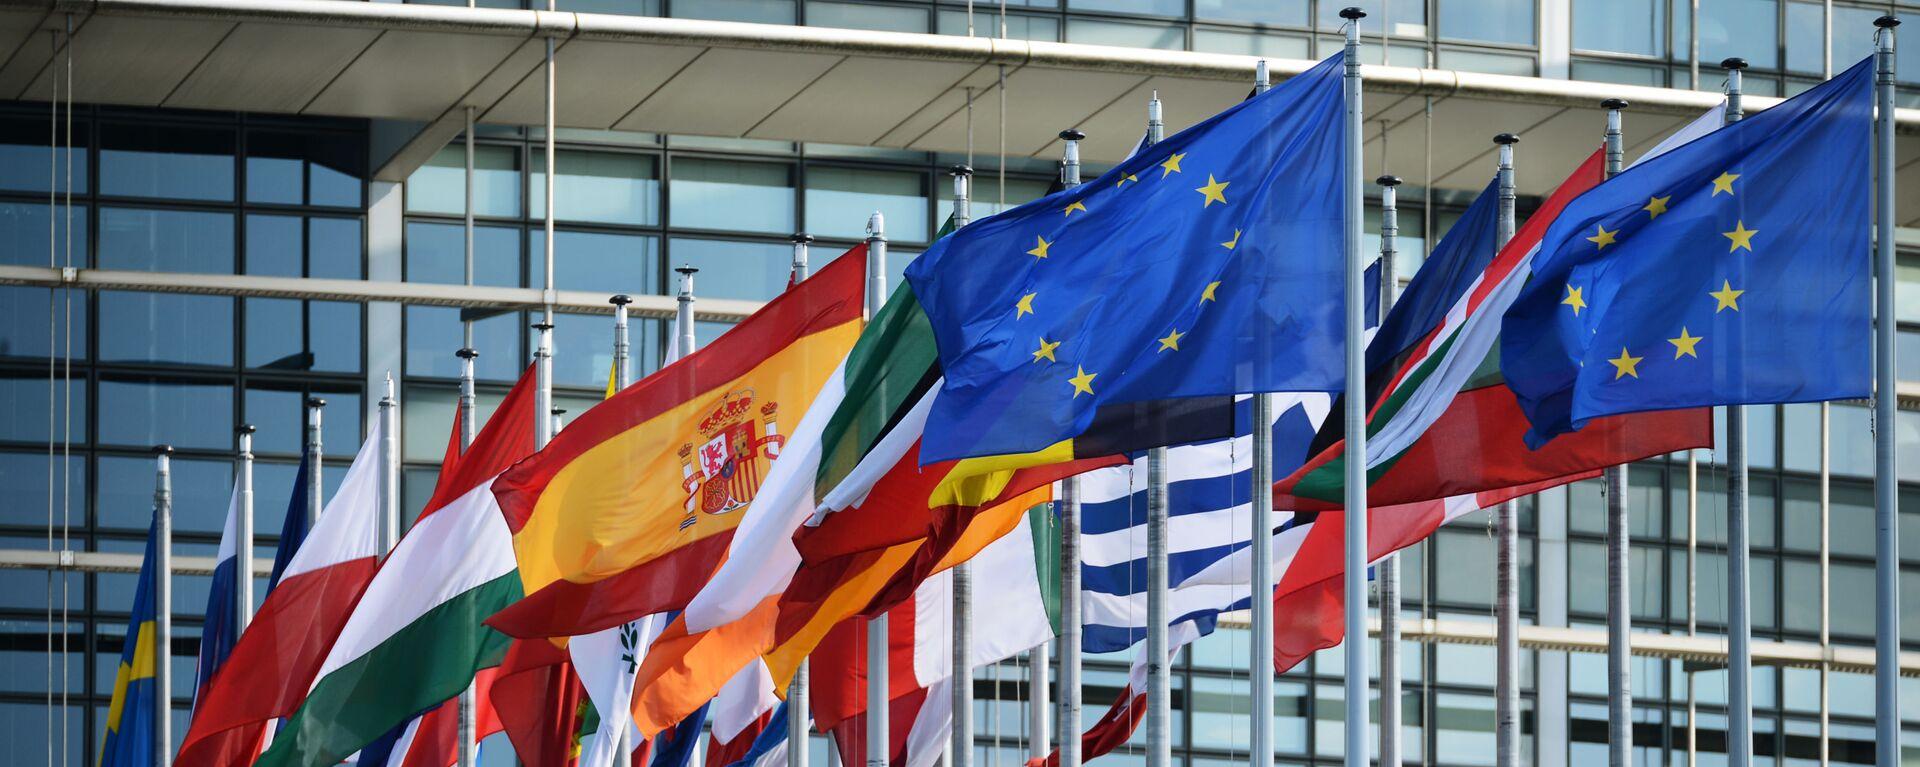 Vlajky u budovy Evropského parlamentu ve Štrasburku - Sputnik Česká republika, 1920, 25.05.2021